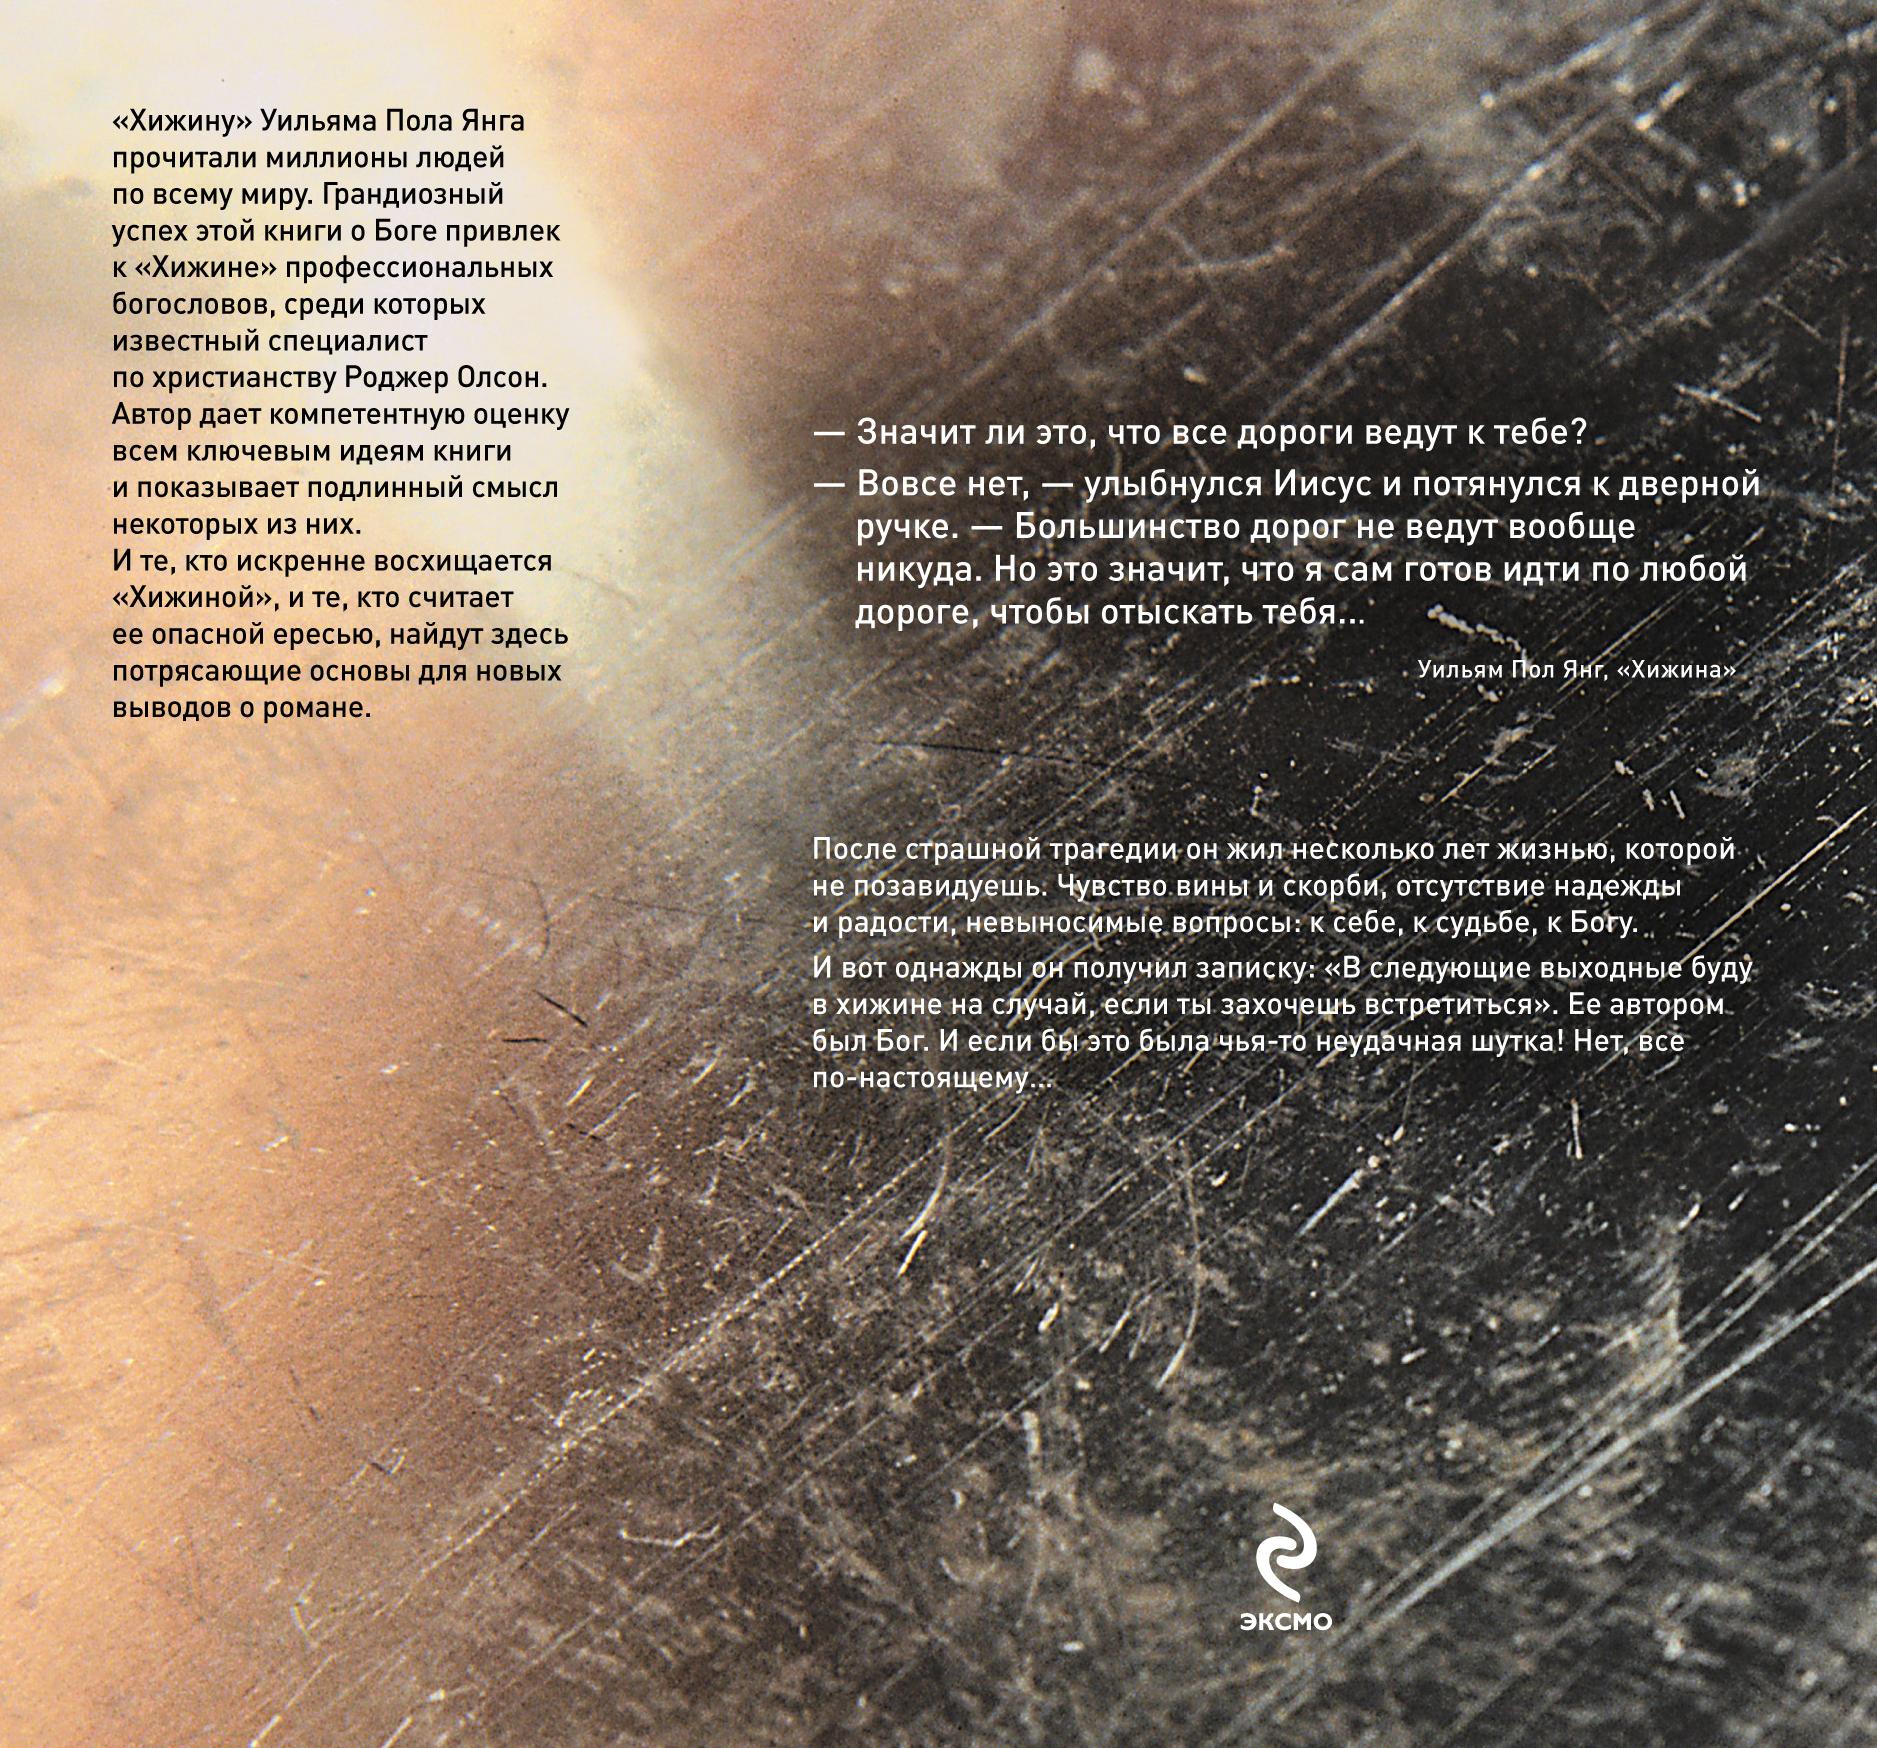 """Олсон Р.. Бог в """"Хижине"""". История зла и искупления, которая изменила мир"""